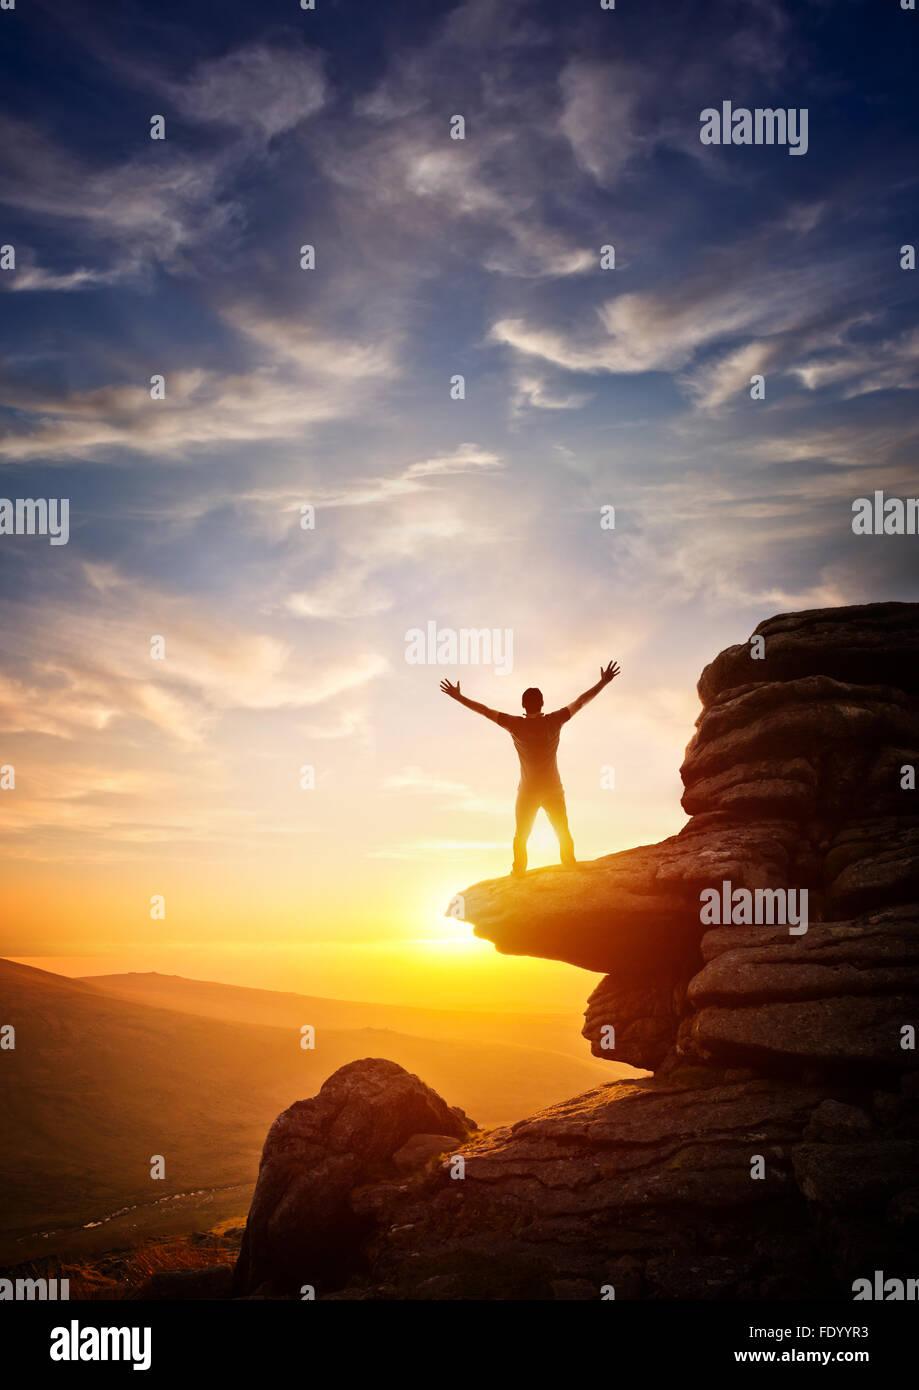 Une personne atteignant jusqu'à partir d'un point élevé, défini dans un coucher du soleil. L'expression de la liberté Banque D'Images